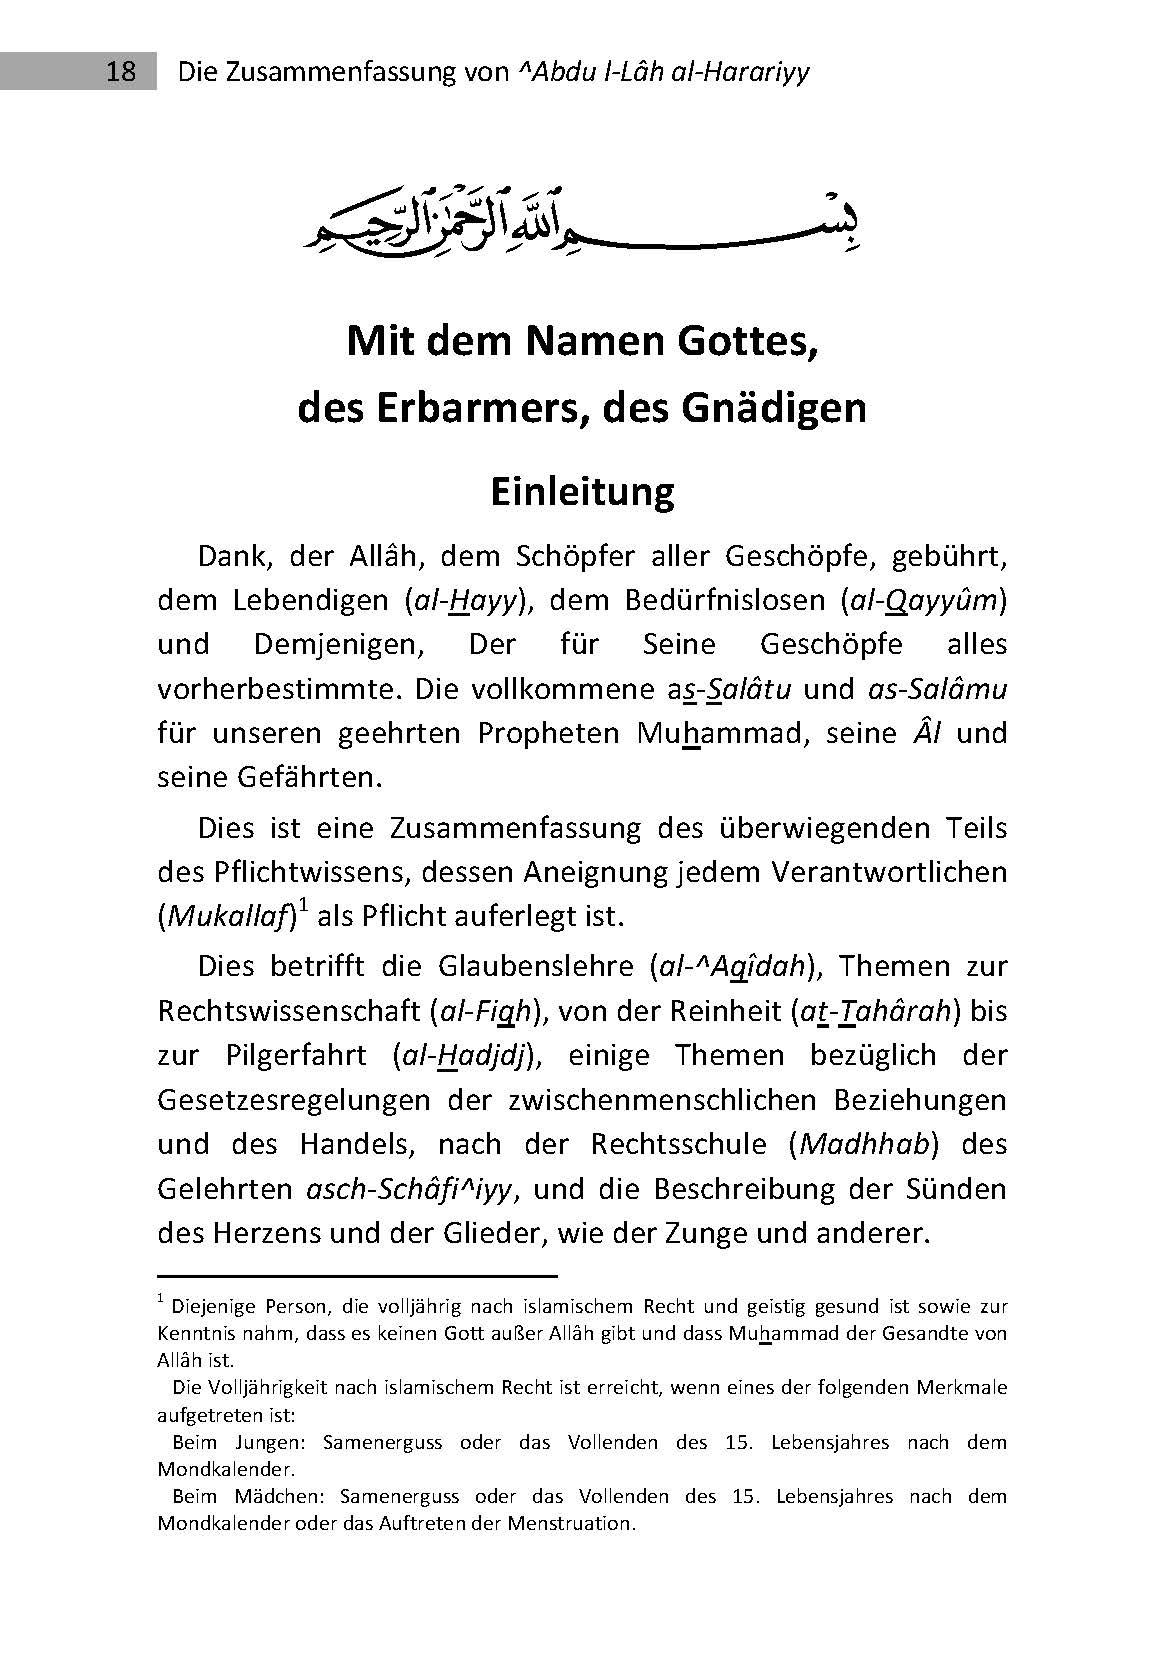 Die Zusammenfassung - 3. Auflage 2014_Seite_18